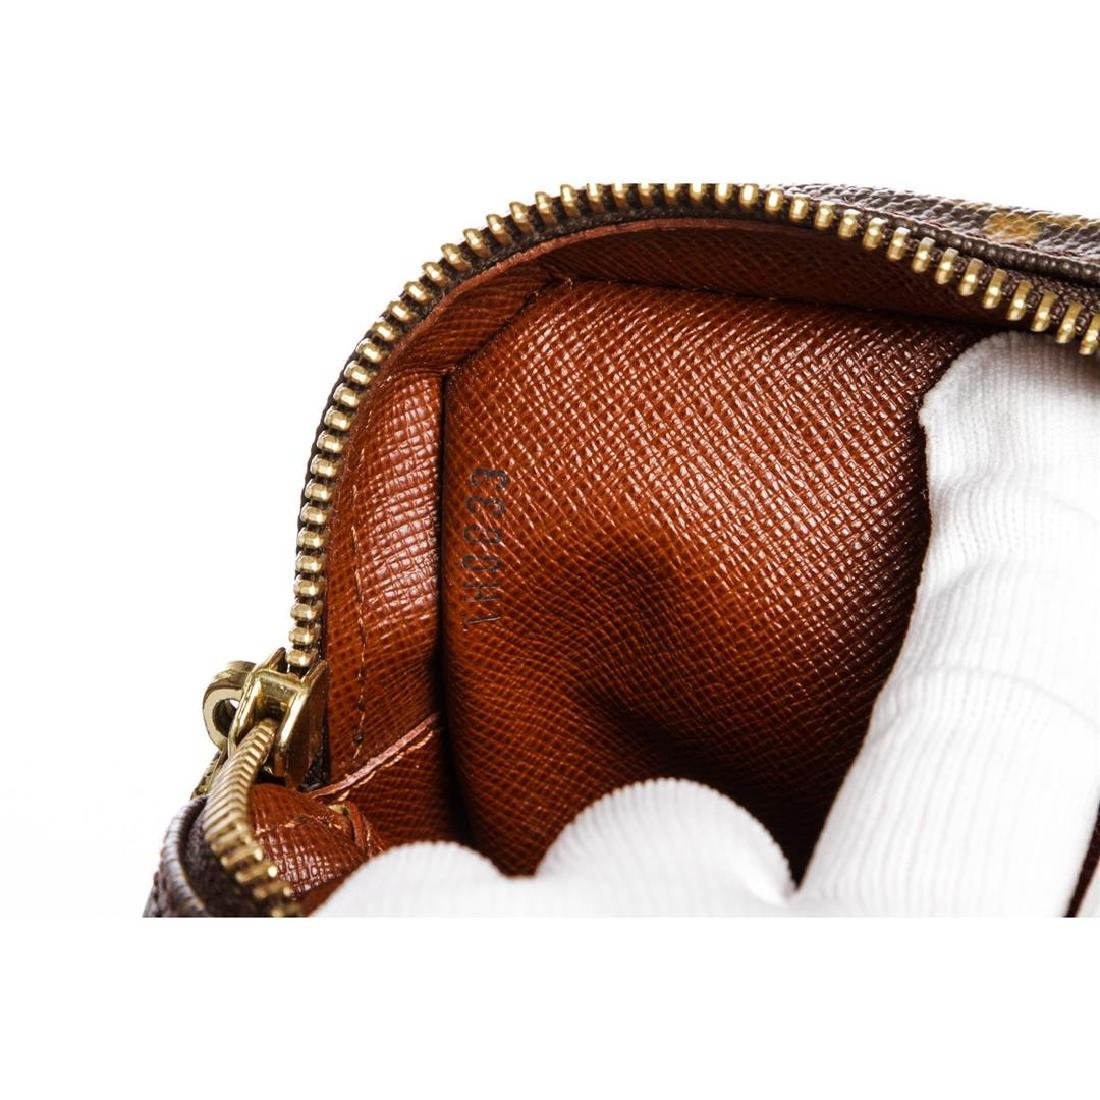 Louis Vuitton Monogram Canvas Leather Amazone Crossbody - 7